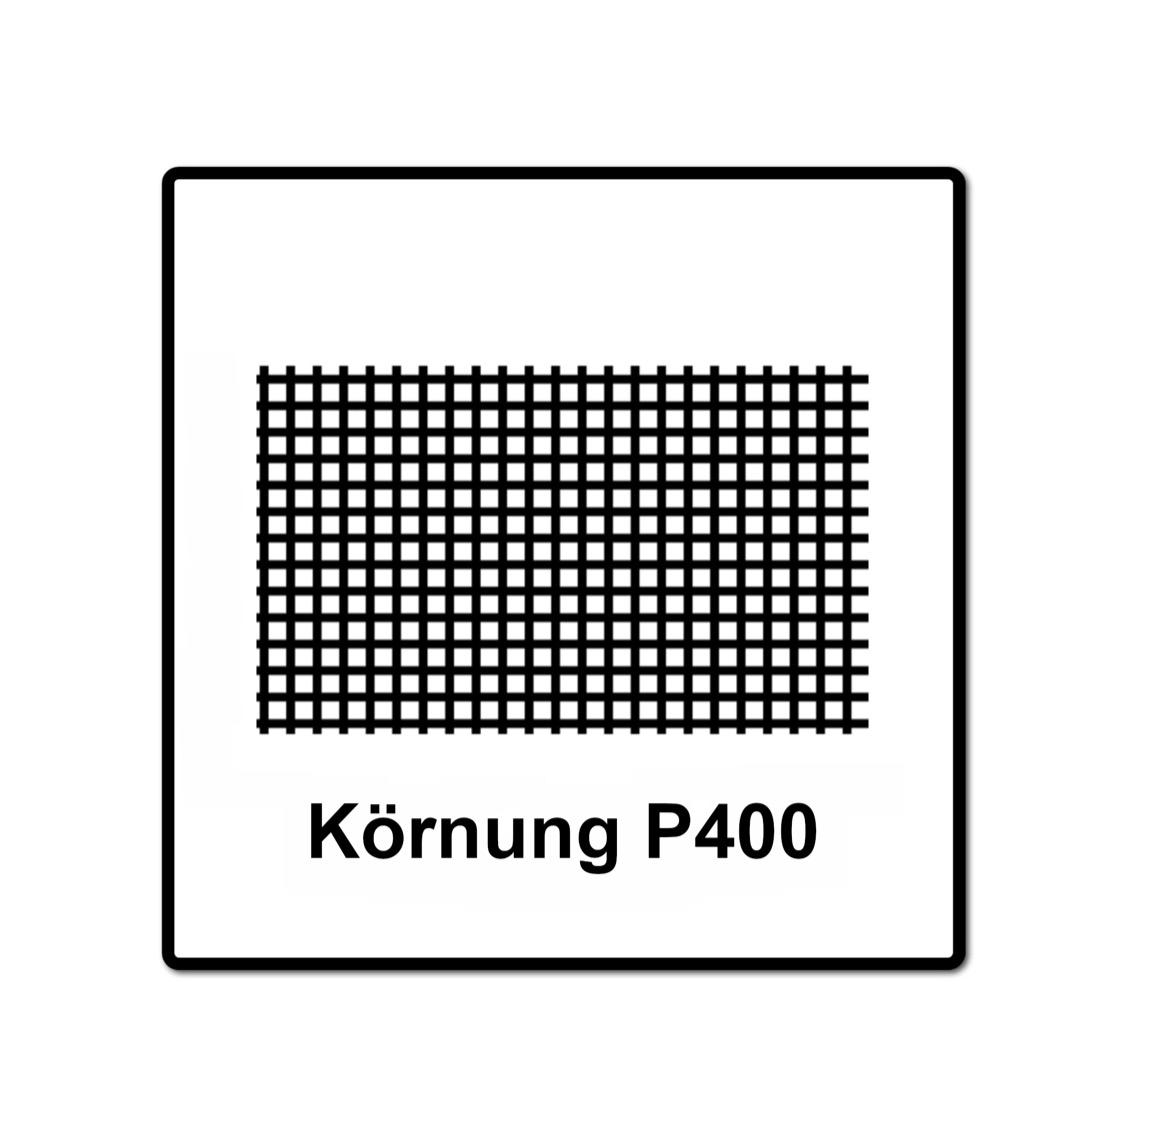 Mirka ABRANET Schleifscheiben Grip 125mm P320 50Stk. 5423205032